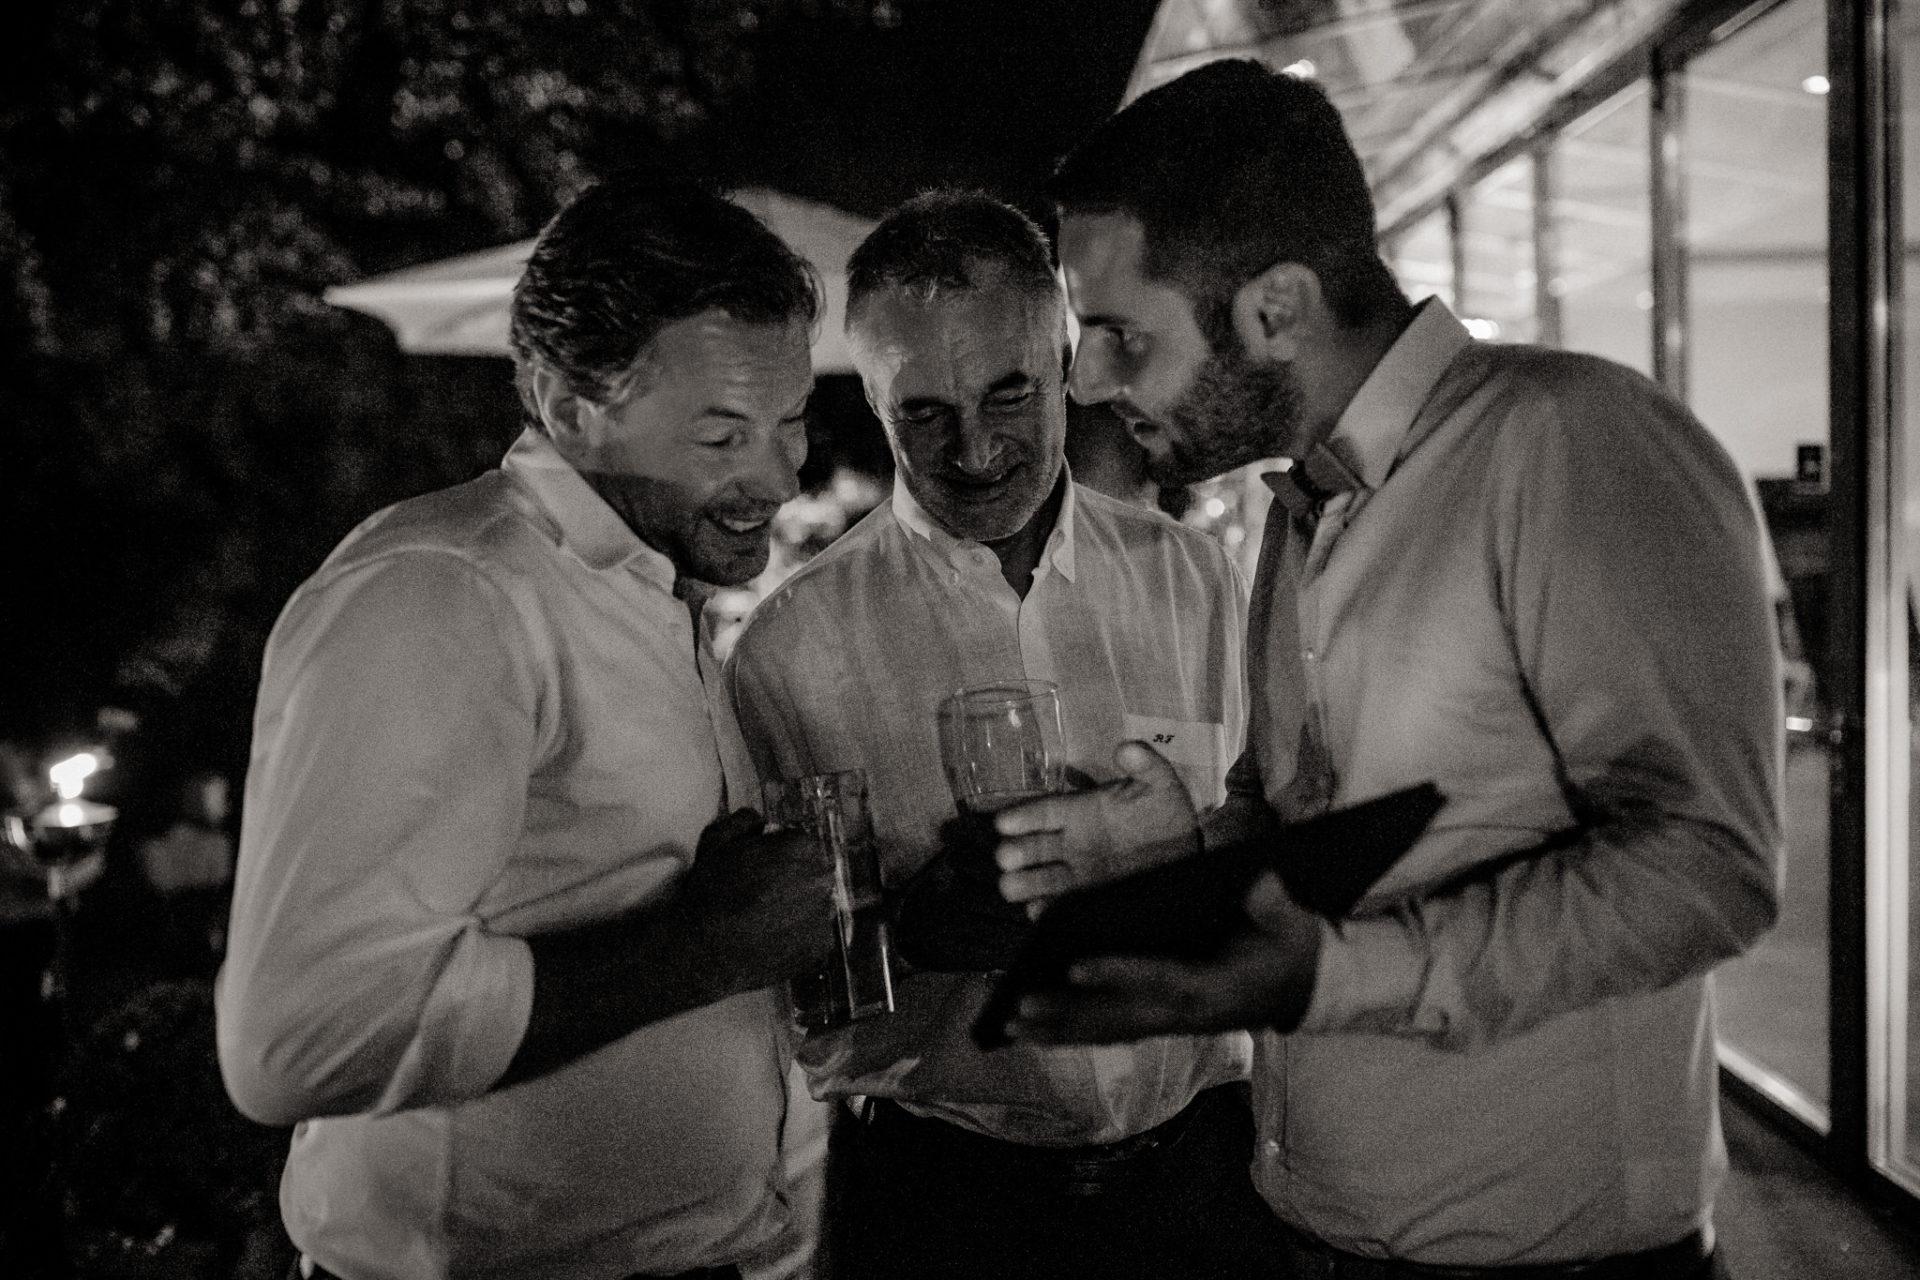 Weingut Fitz Ritter Hochzeitsfotograf-heiraten Pfalz-Sommerhochzeit Hochzeitsgäste